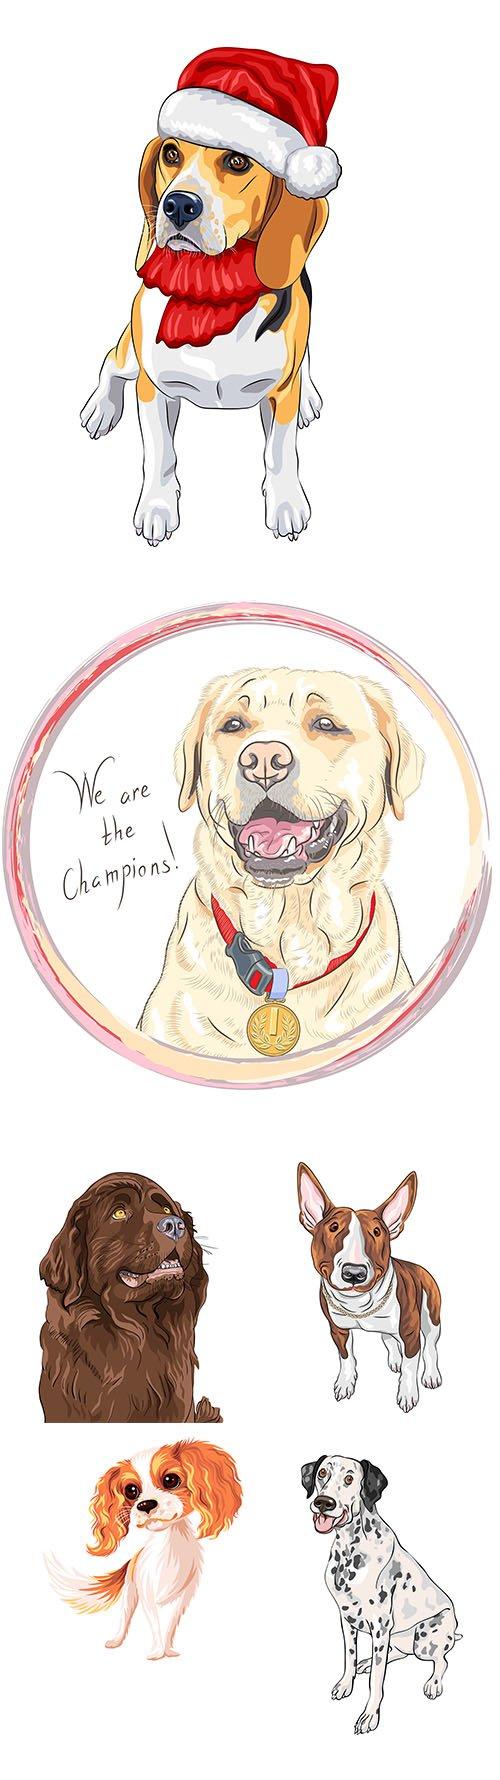 Color sketch dog illustrations